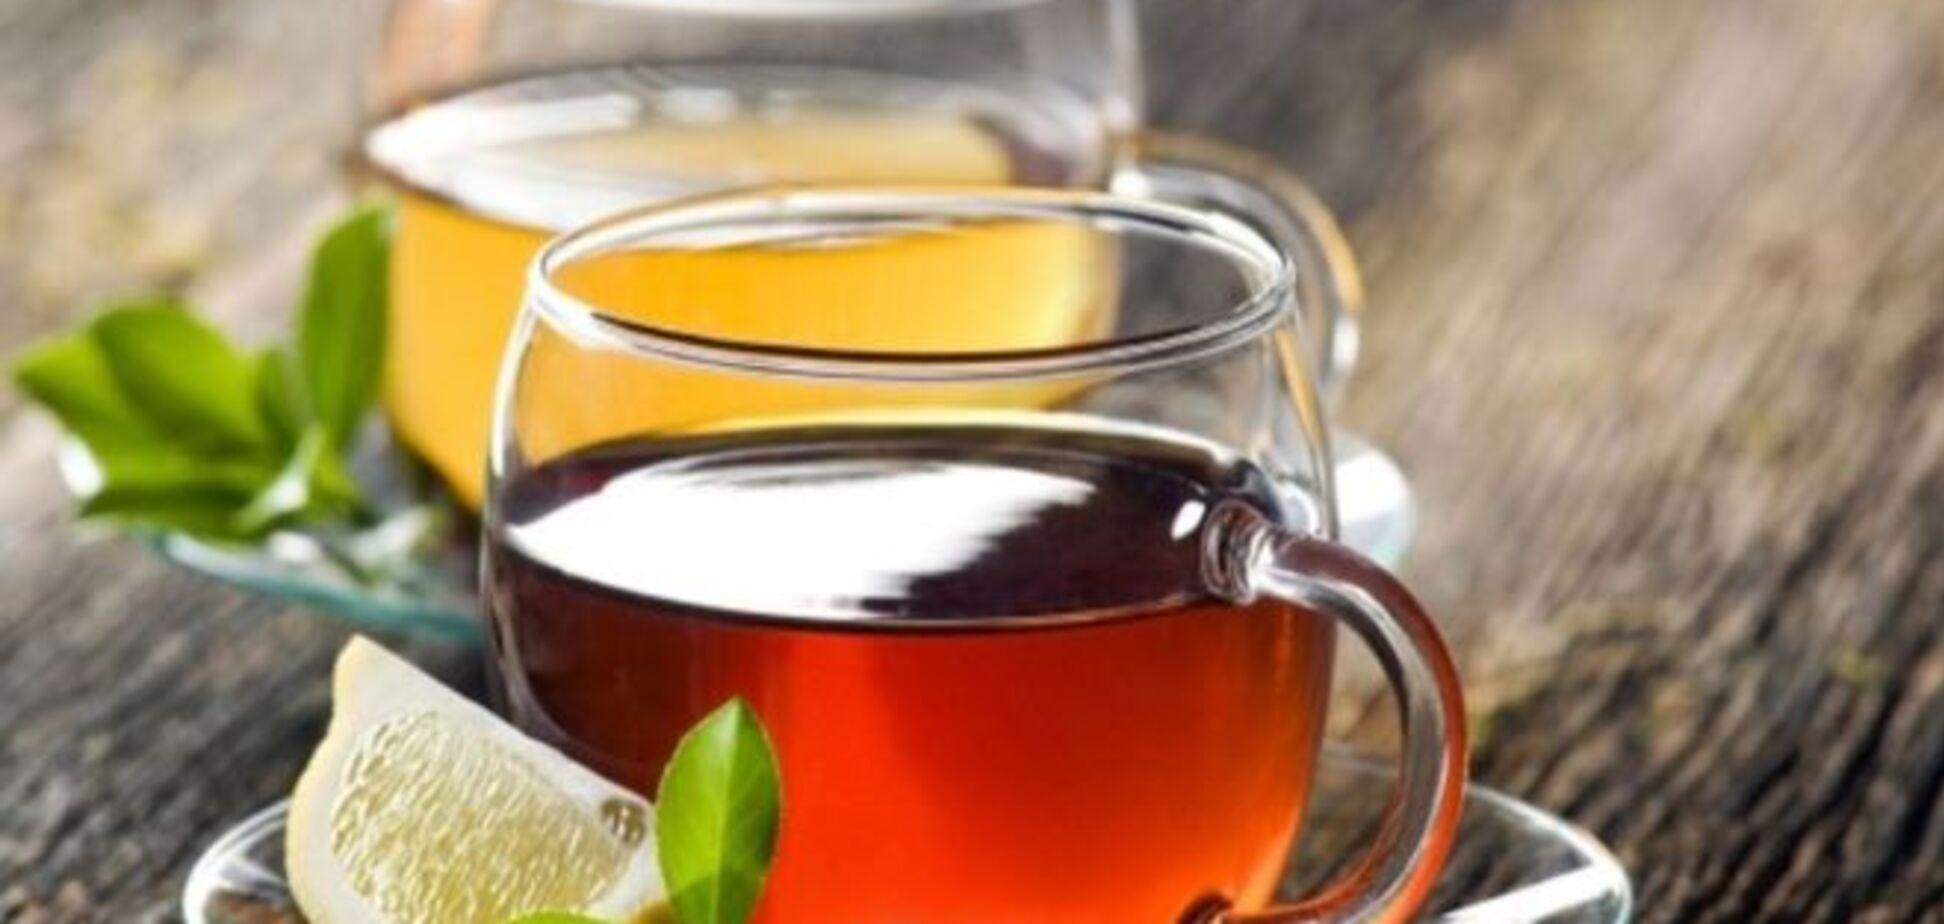 Рецепт целебного напитка из трех ингридиентов